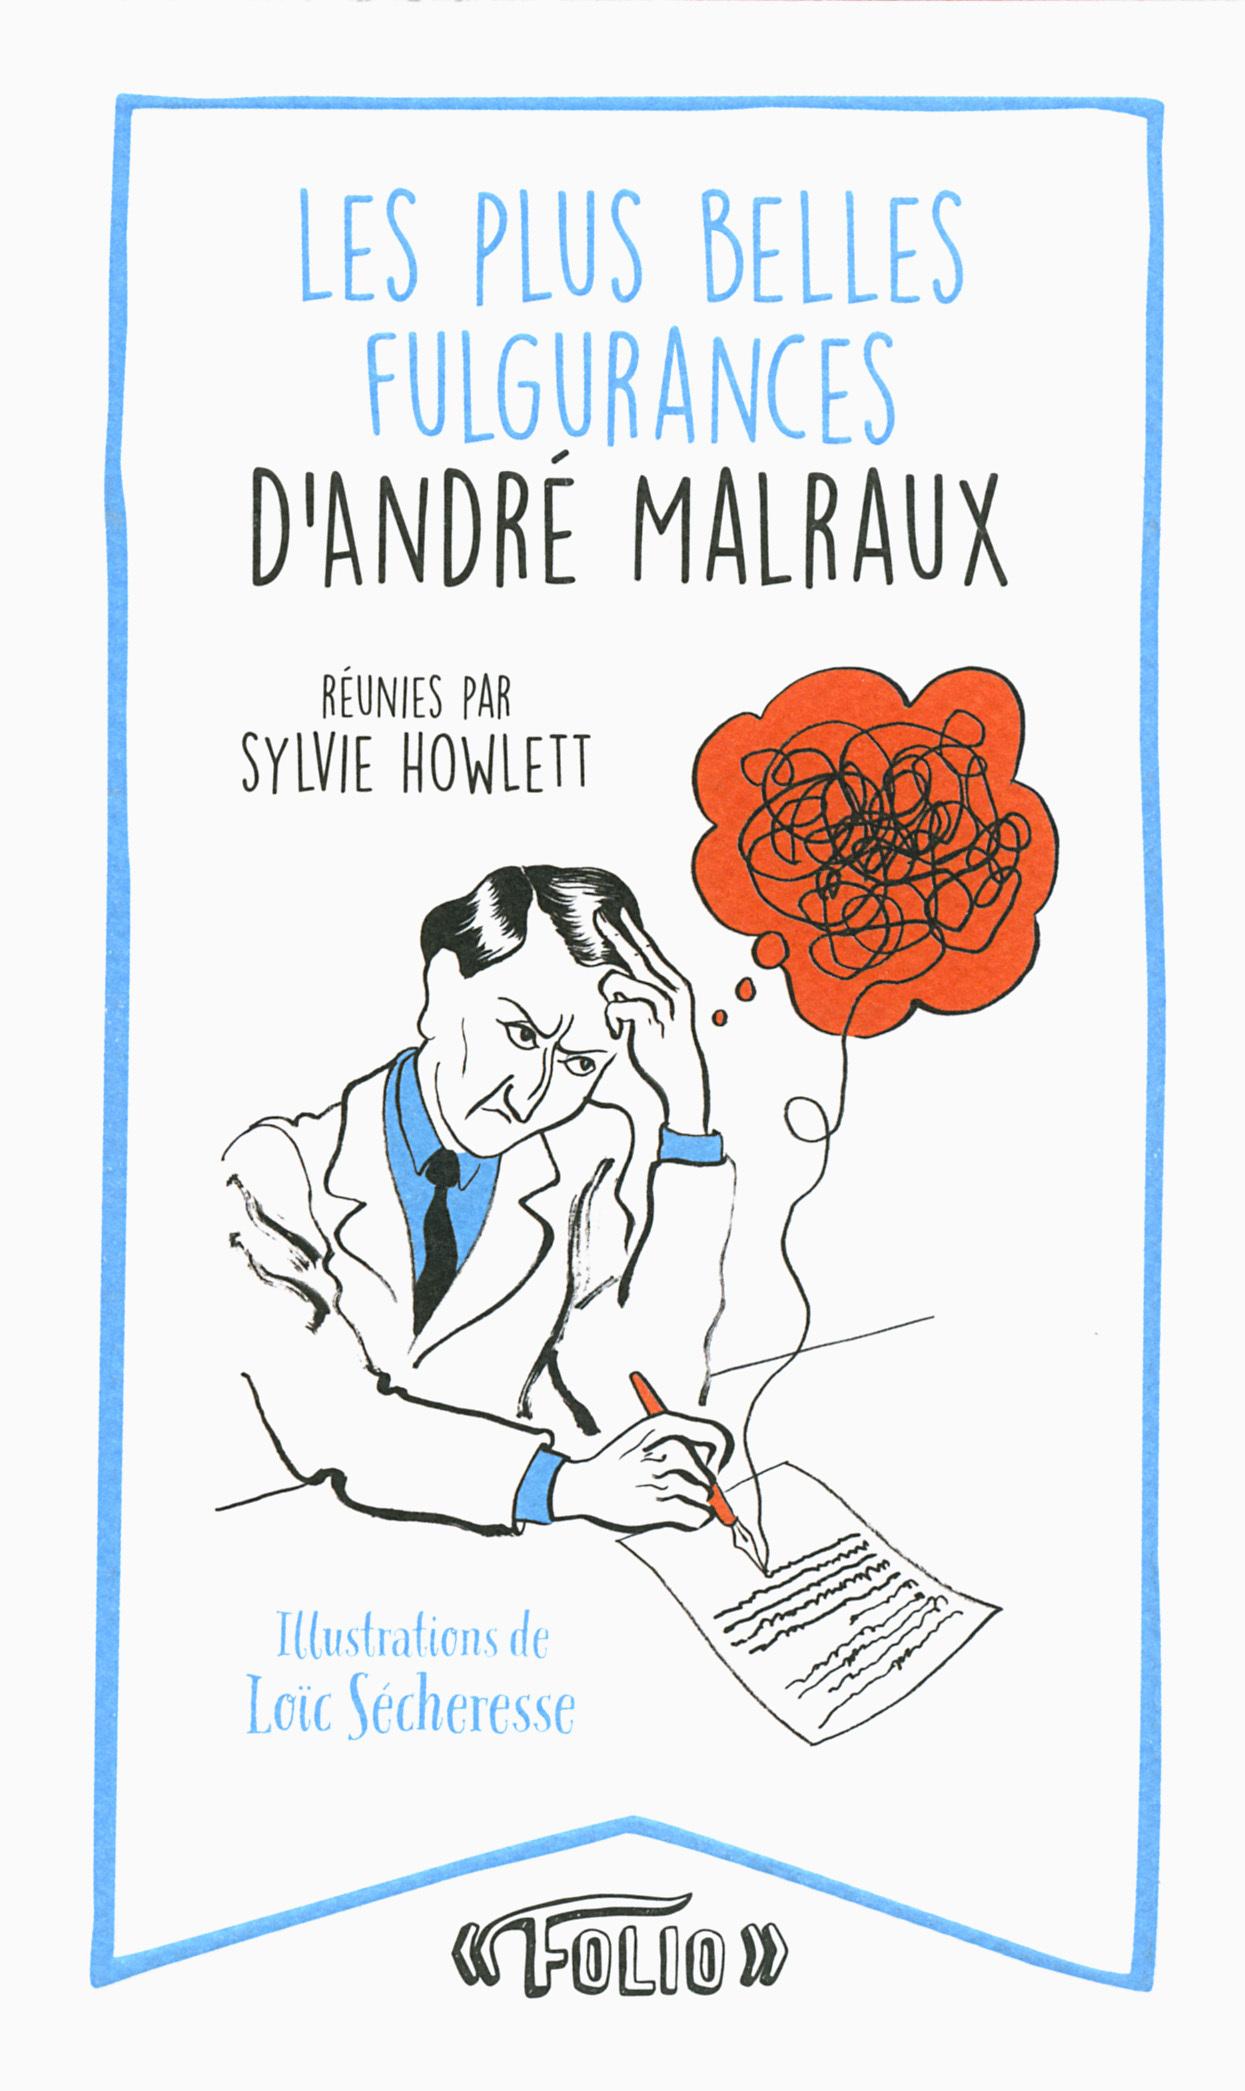 LES PLUS BELLES FULGURANCES D'ANDRE MALRAUX